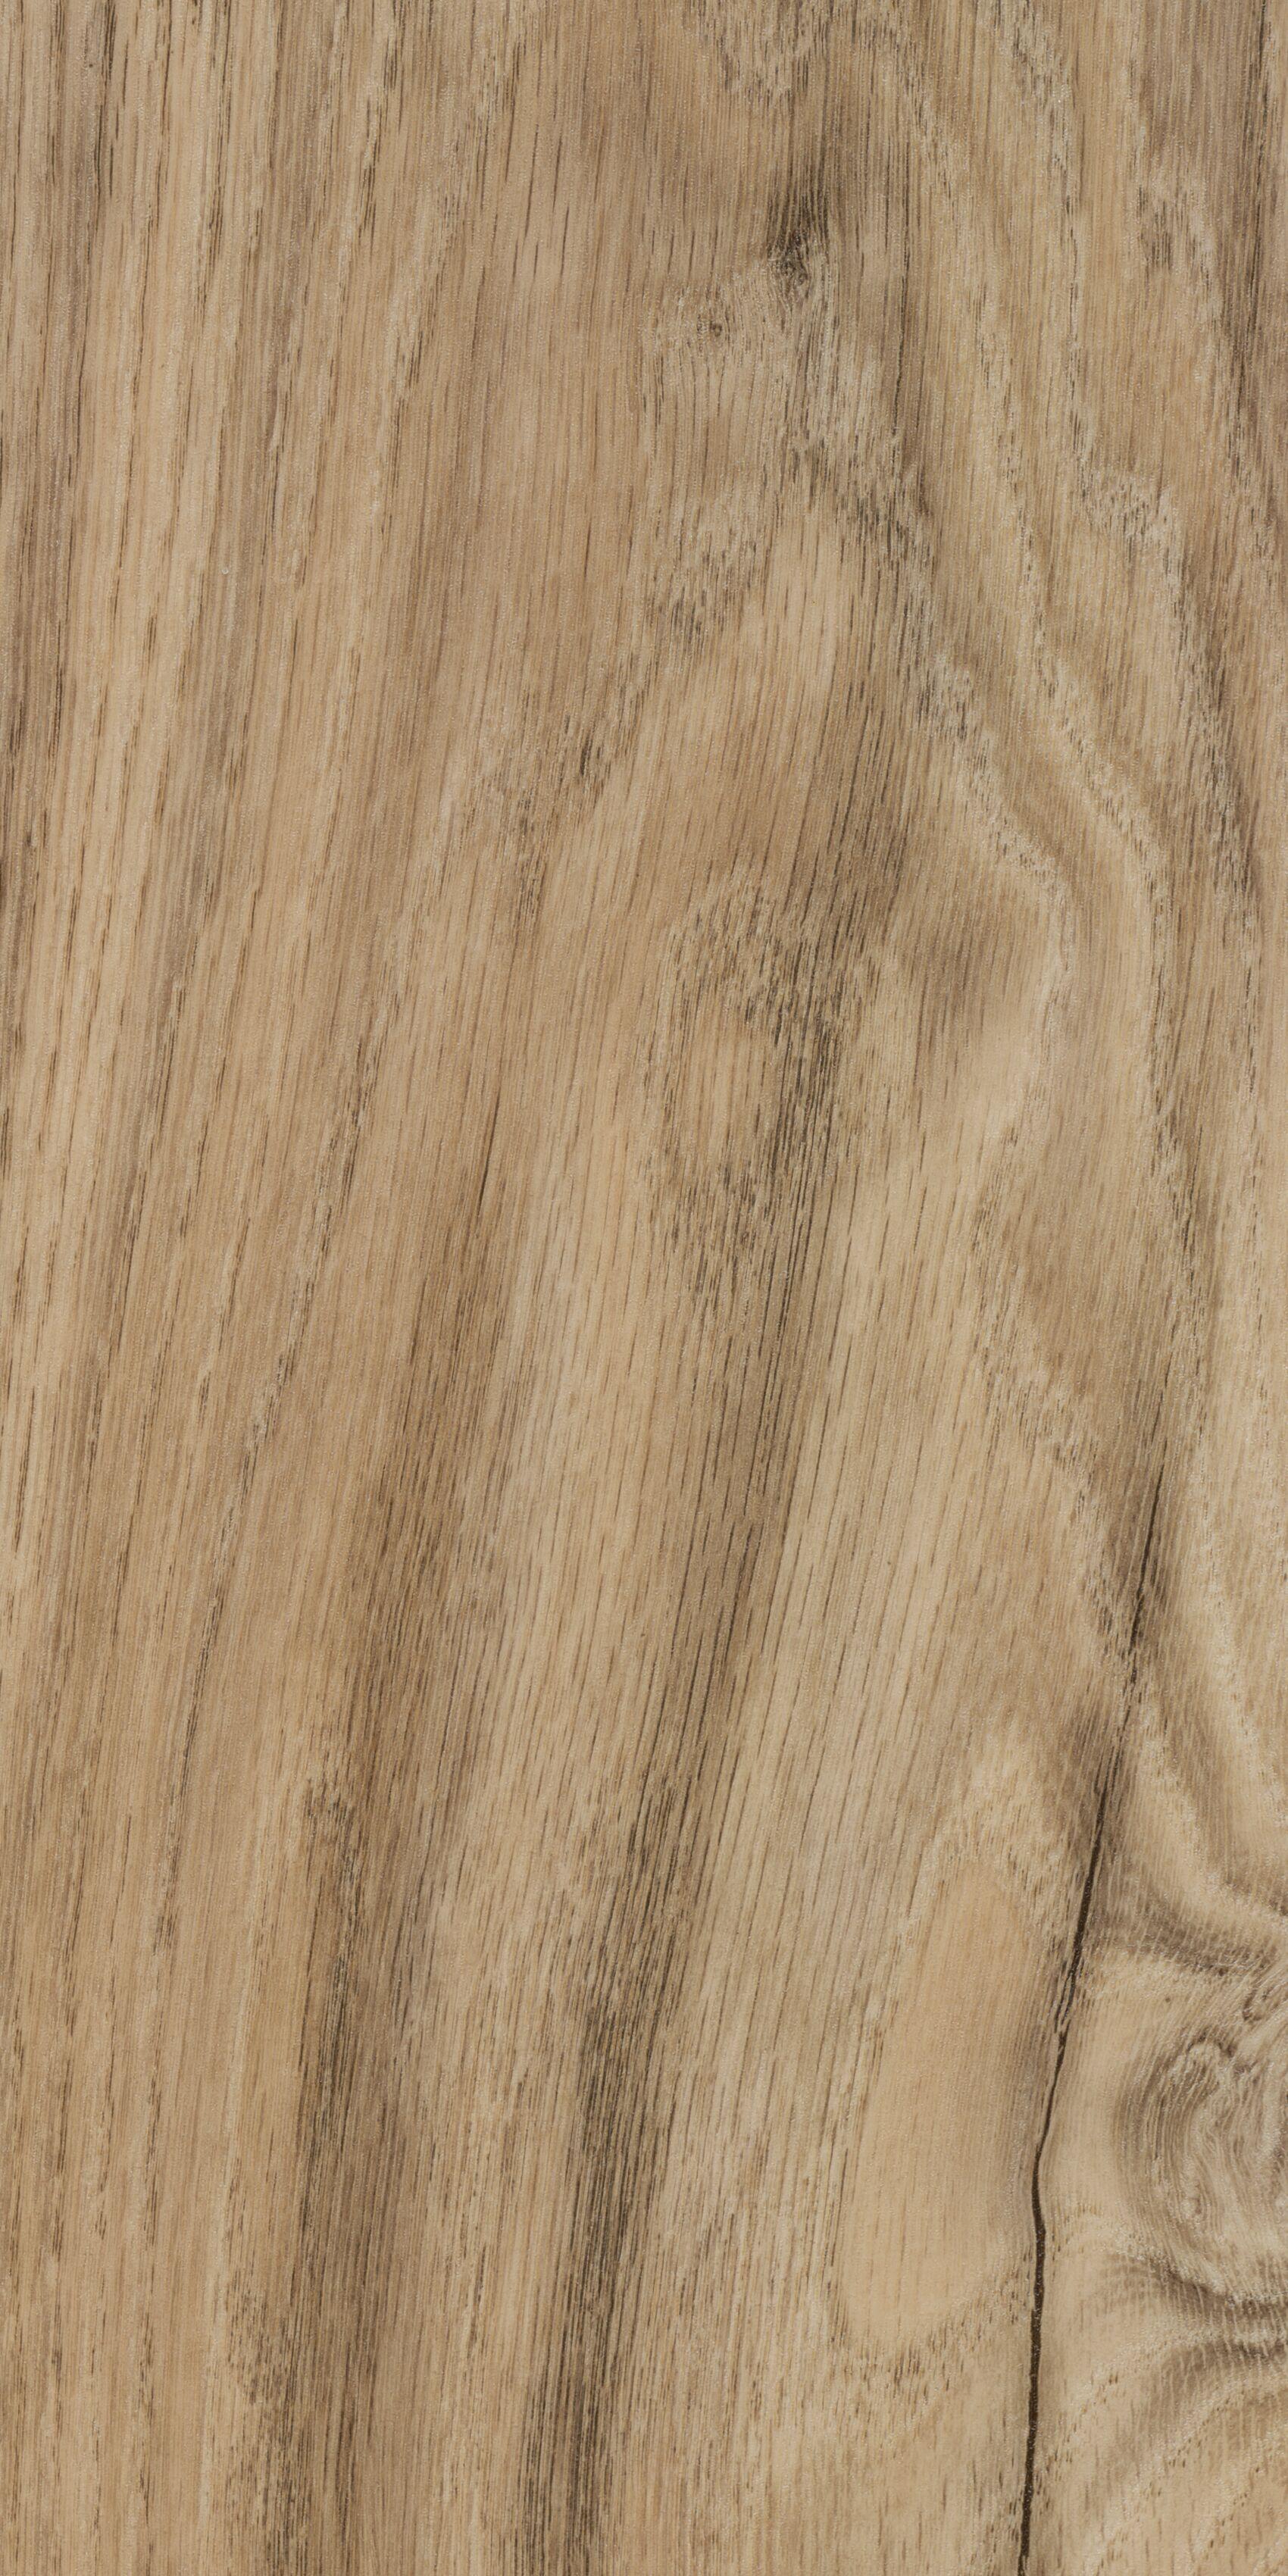 Vinylboden - Central Oak - Ansicht 1